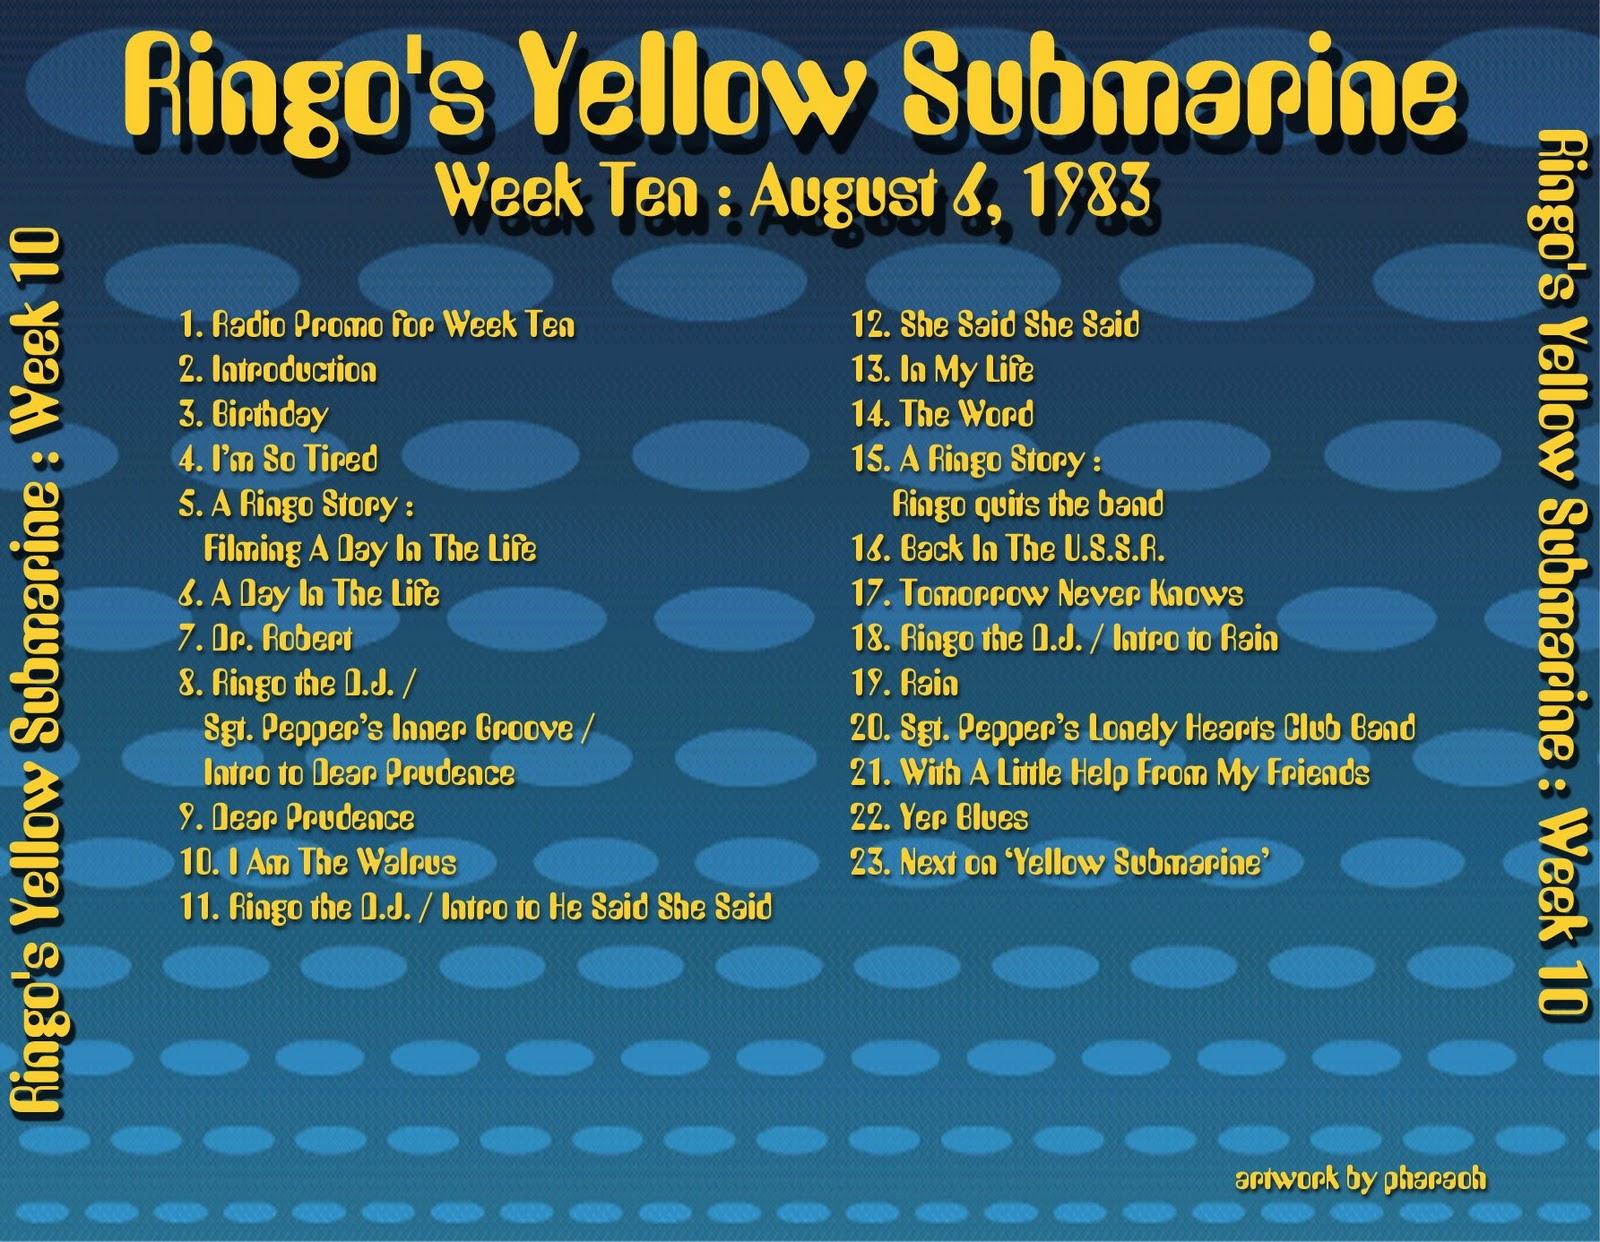 Beatles Radio Waves: 1983 08 06 Ringo's Yellow Submarine 10 #B89B13 1600 1242